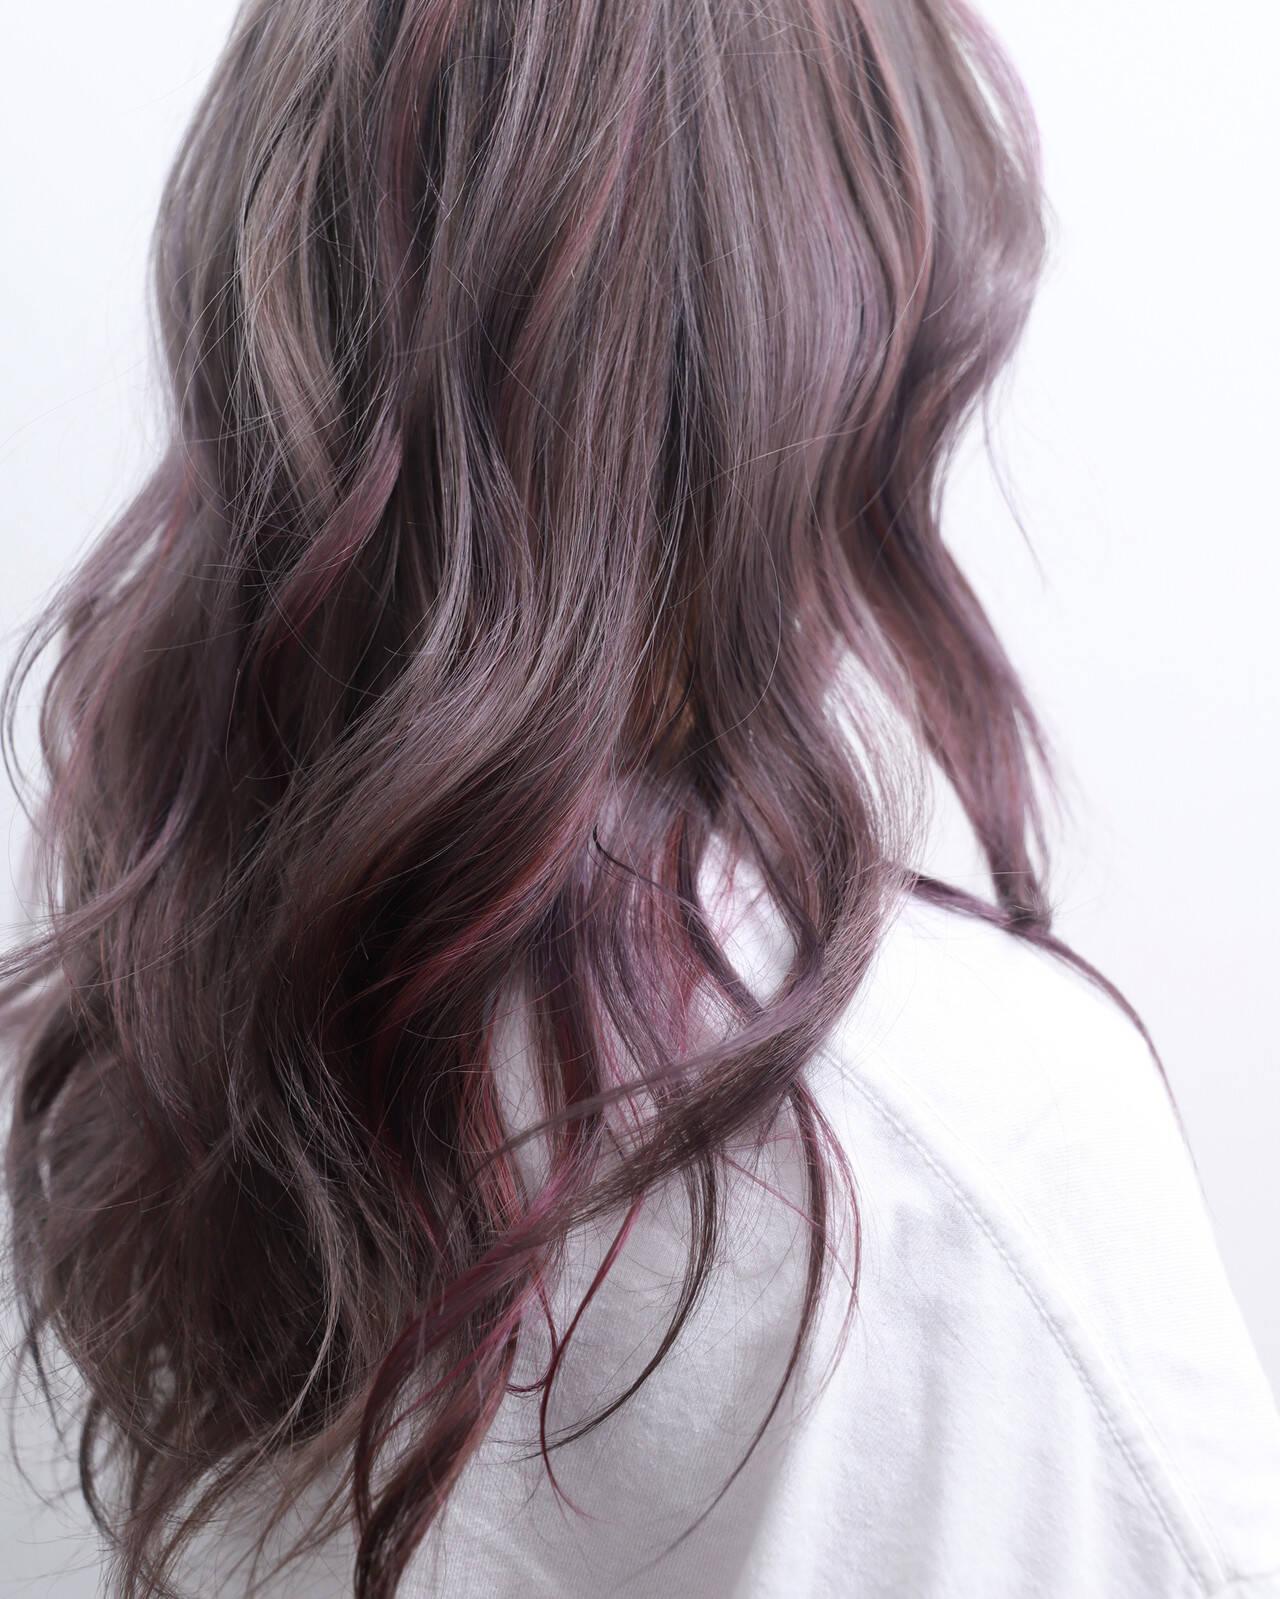 ラベンダーアッシュ フェミニン ヘアアレンジ セミロングヘアスタイルや髪型の写真・画像